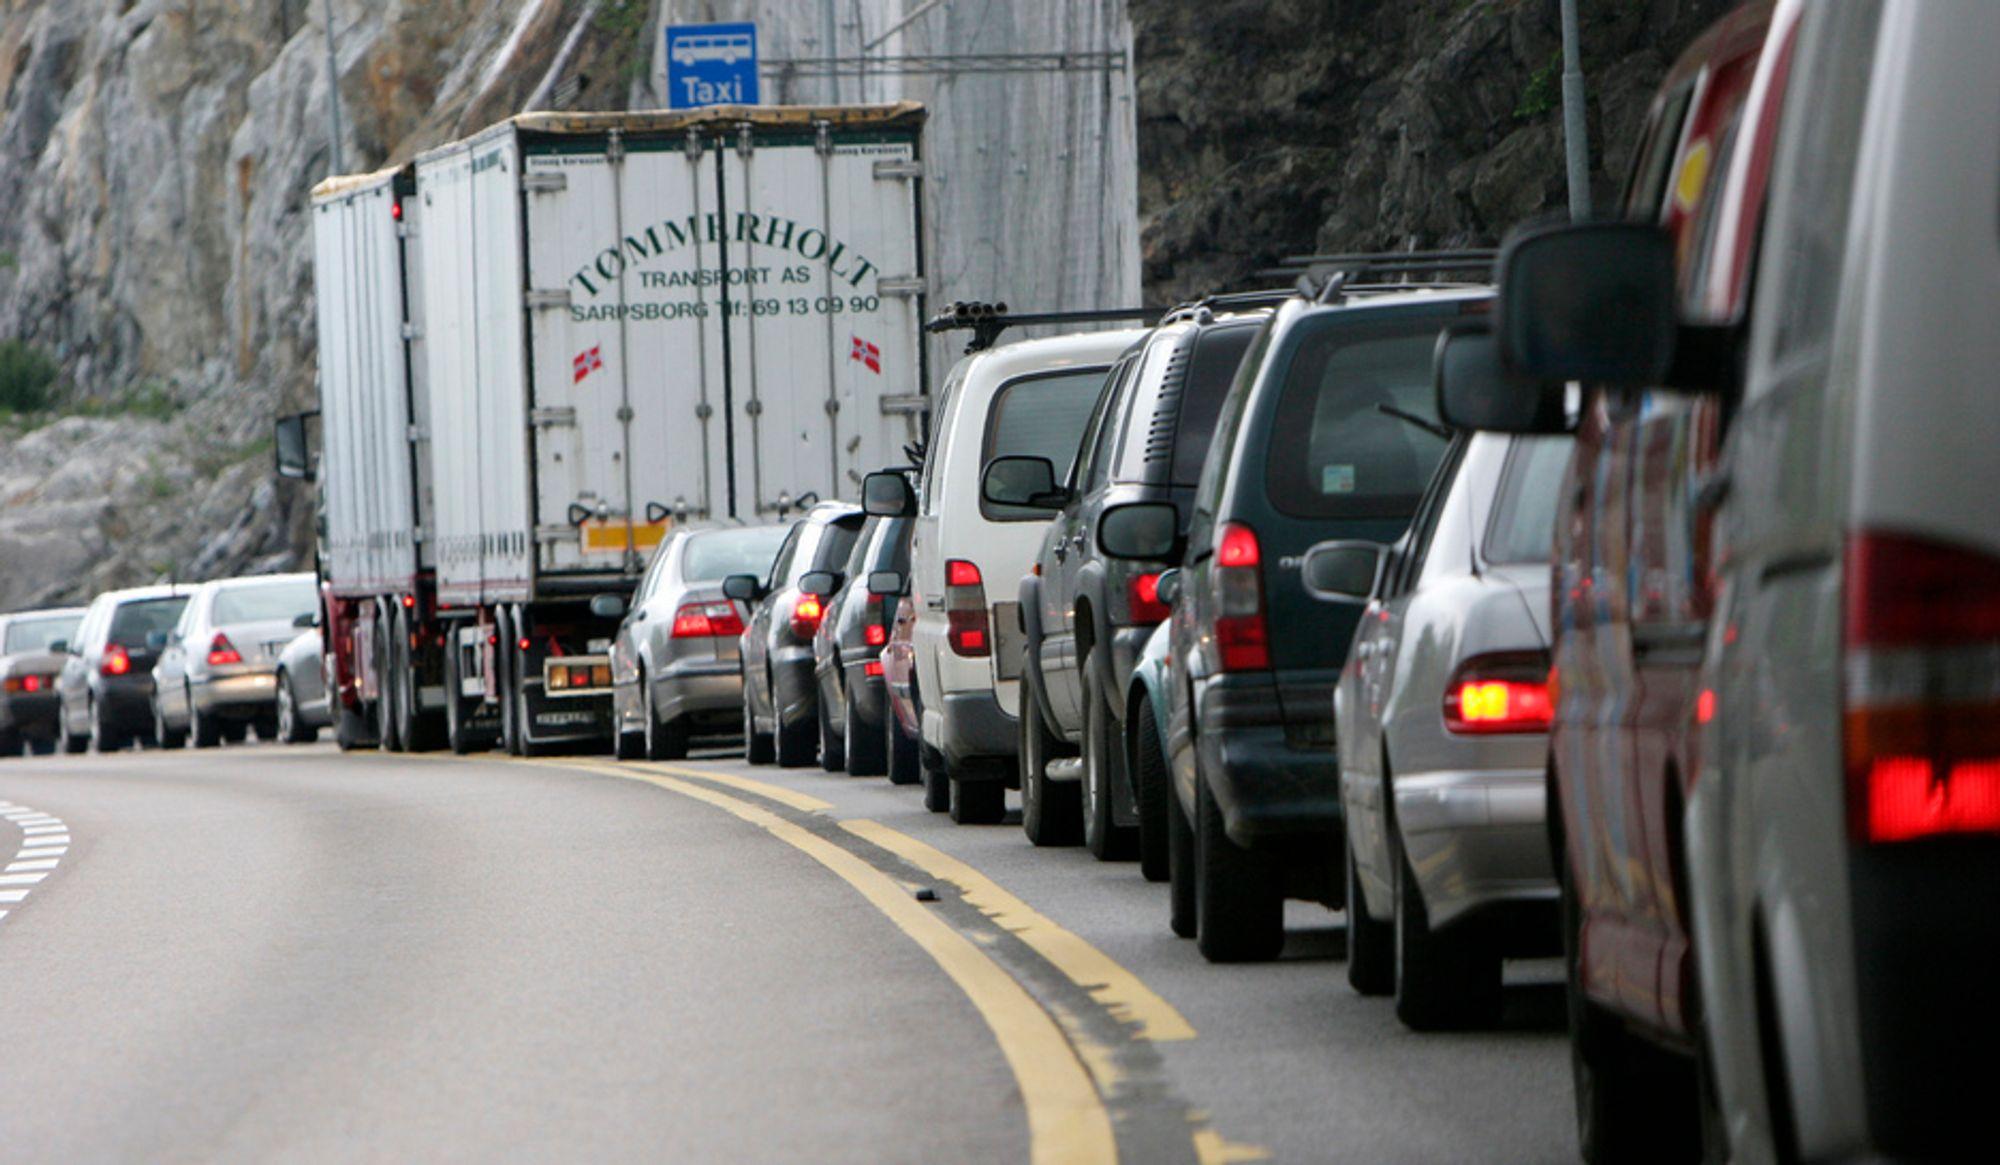 Bilister som sitter fast i kø kan med rette rette sin irritasjon til en eller annen bilist lengre fram, viser ny trafikkforskning.